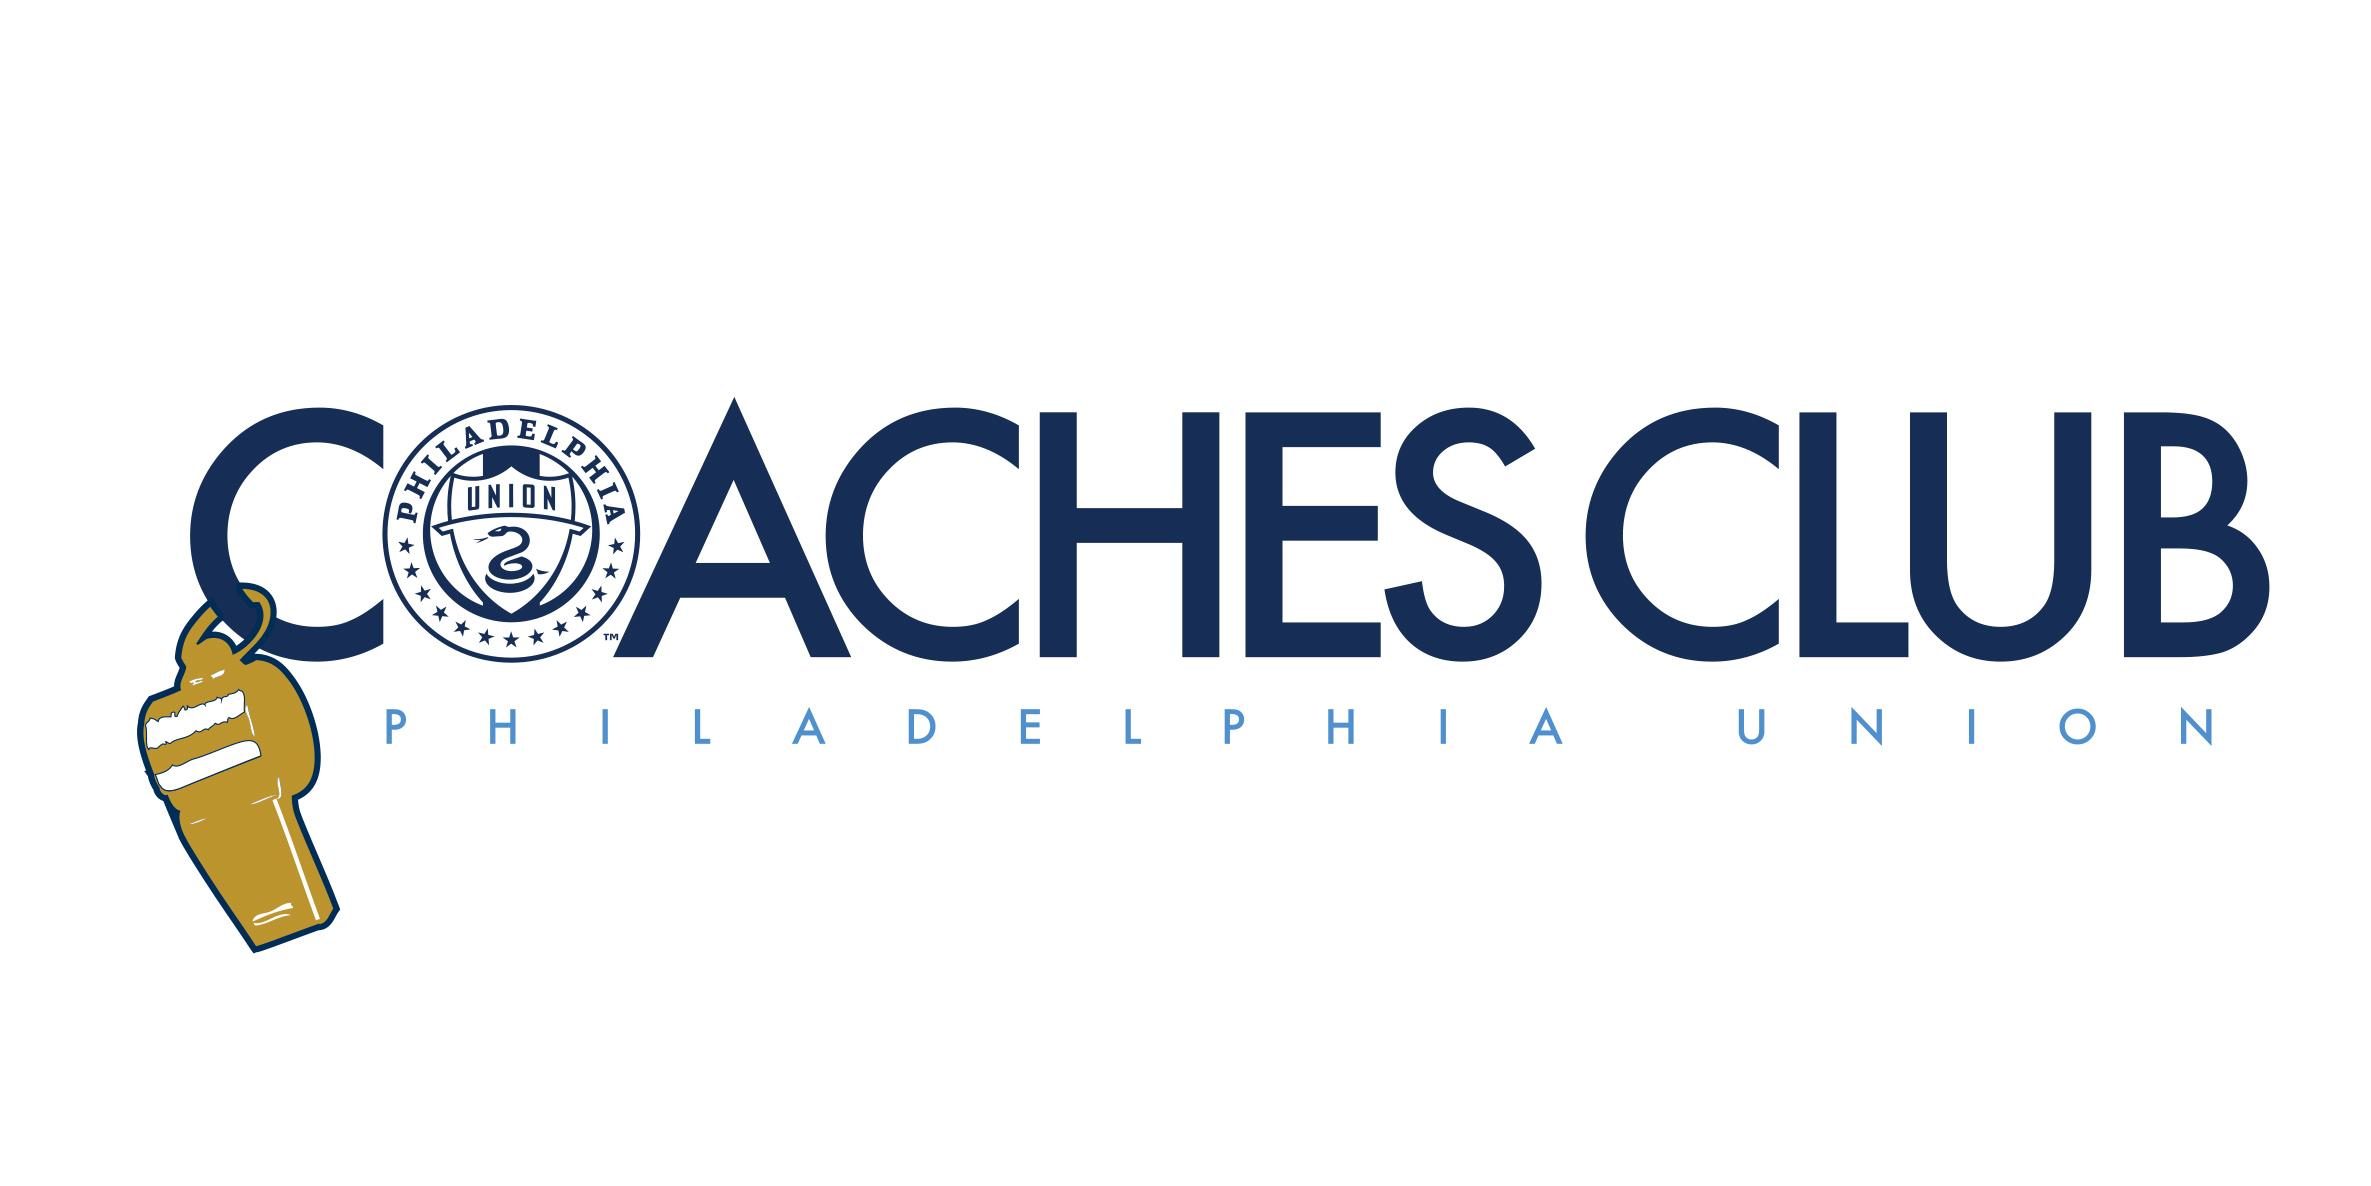 Philadelphia Union's Coaches Club